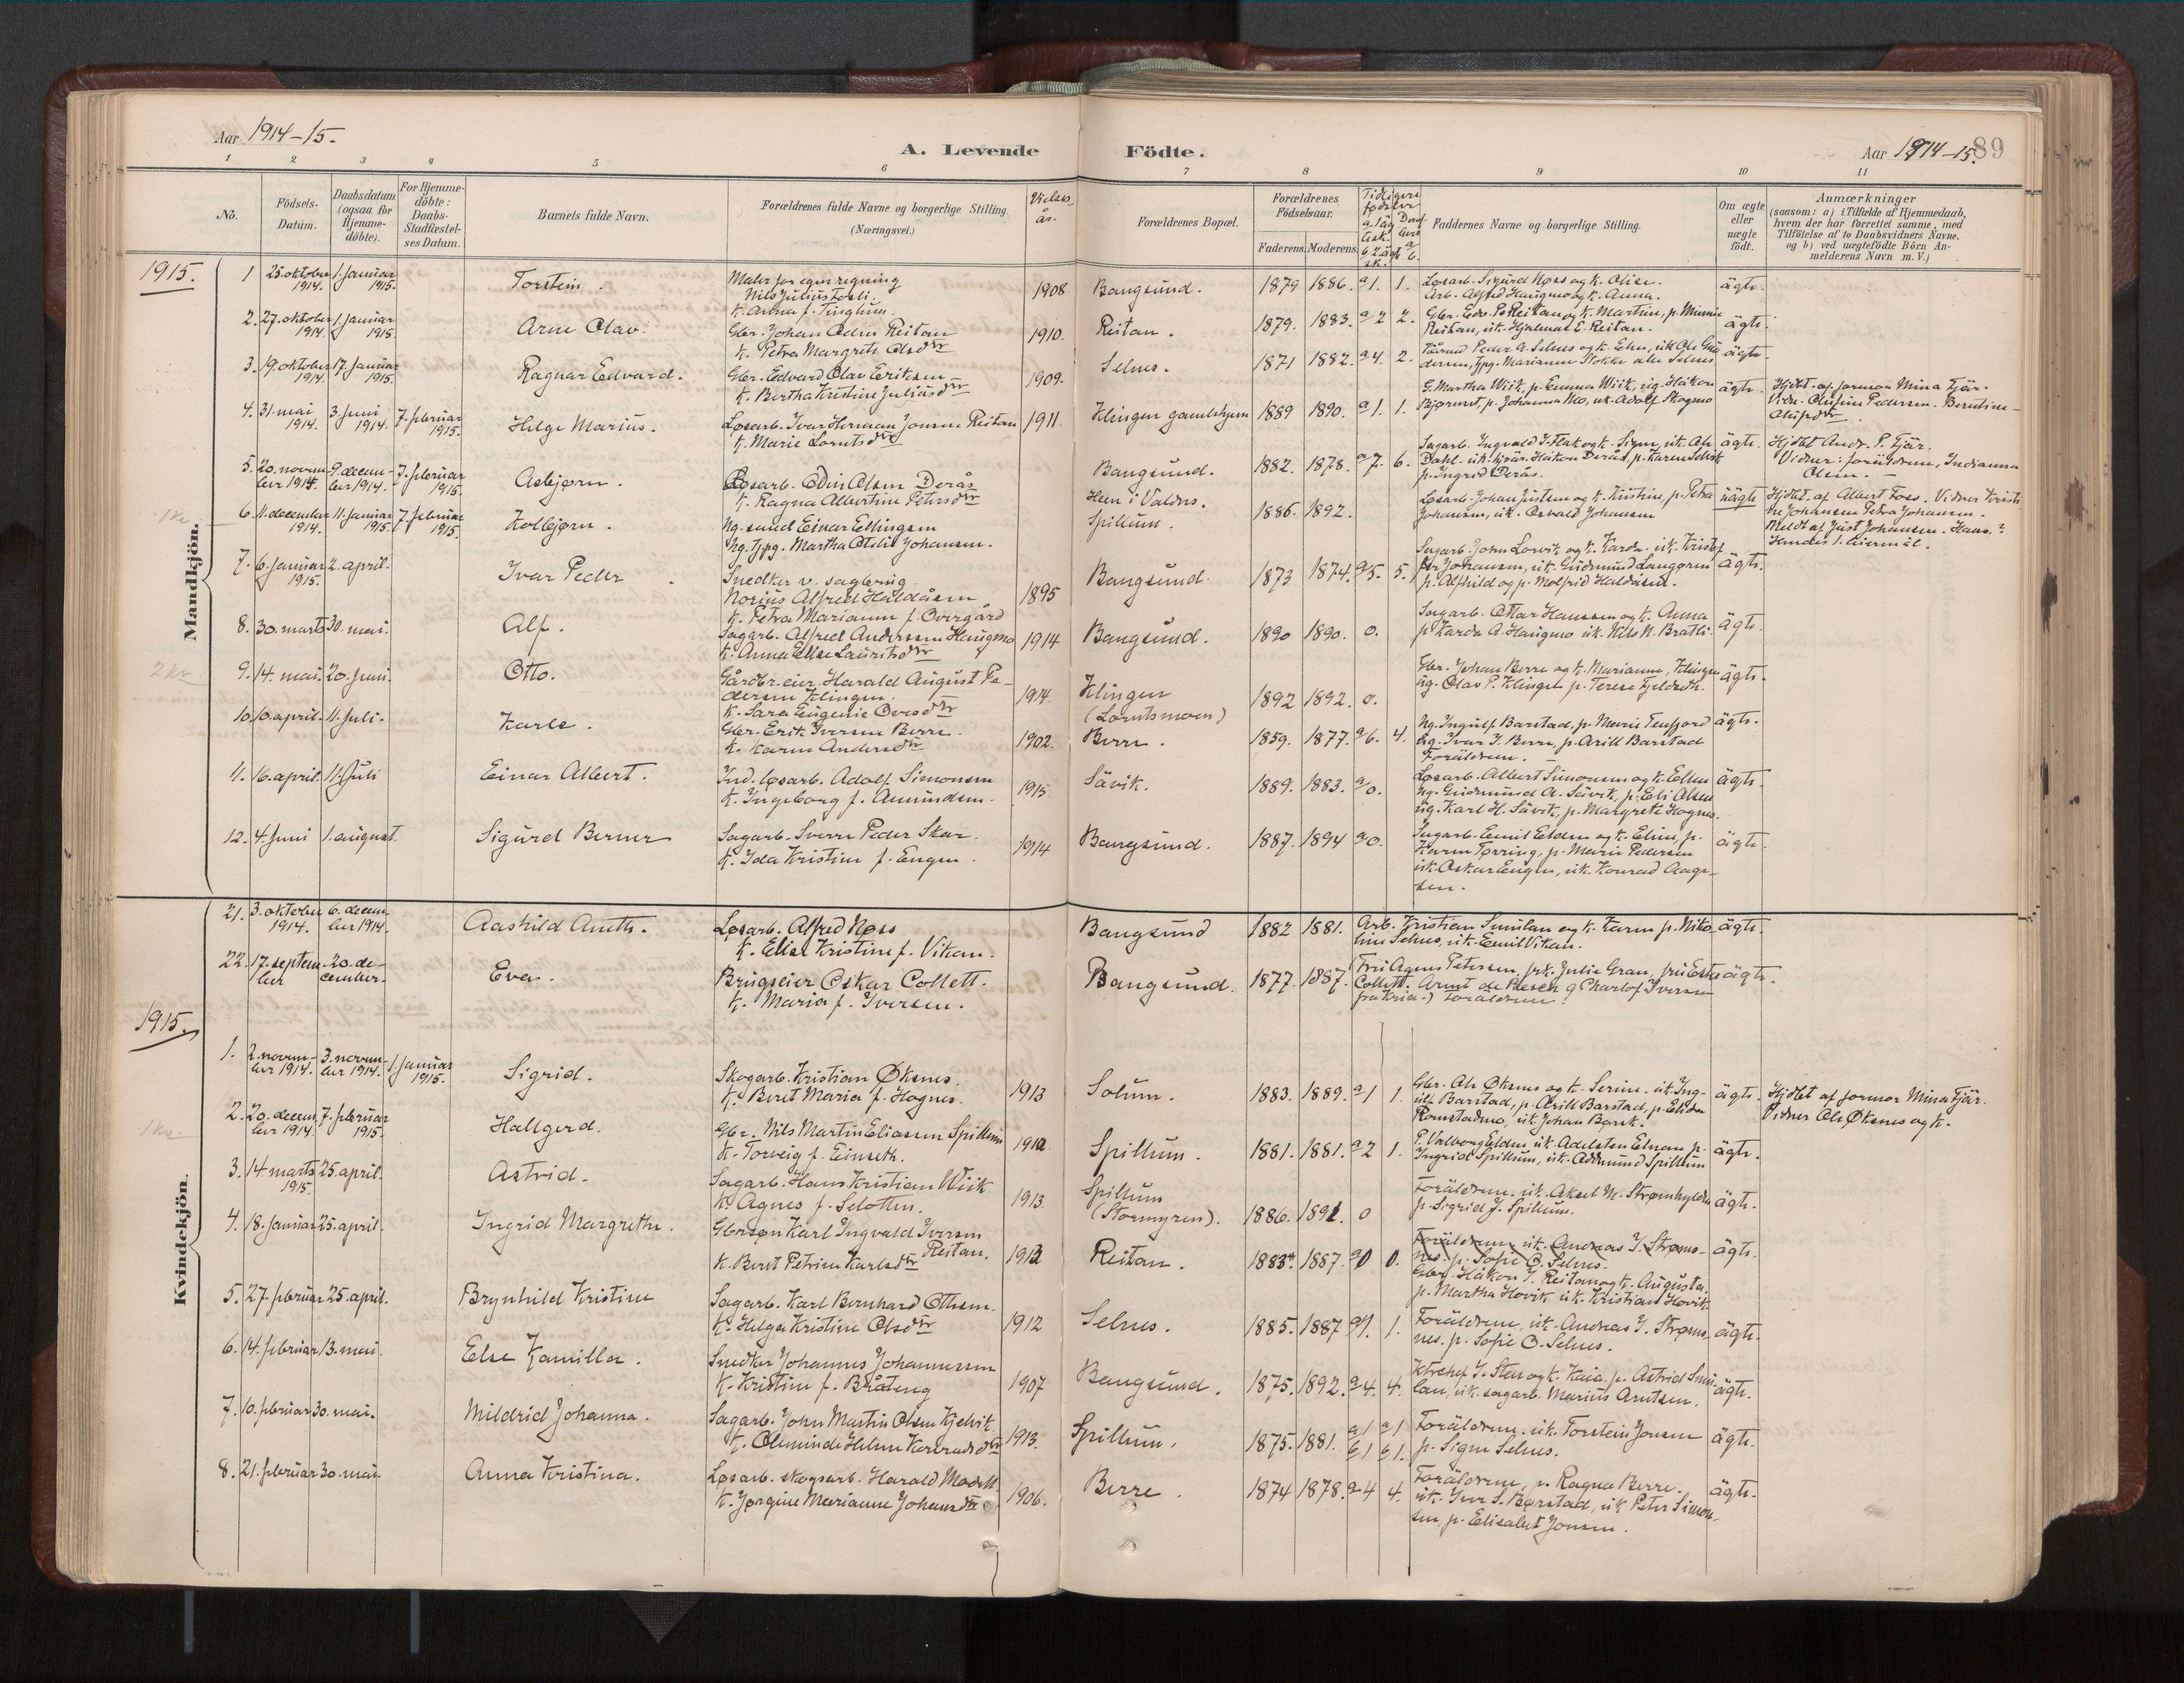 SAT, Ministerialprotokoller, klokkerbøker og fødselsregistre - Nord-Trøndelag, 770/L0589: Ministerialbok nr. 770A03, 1887-1929, s. 89